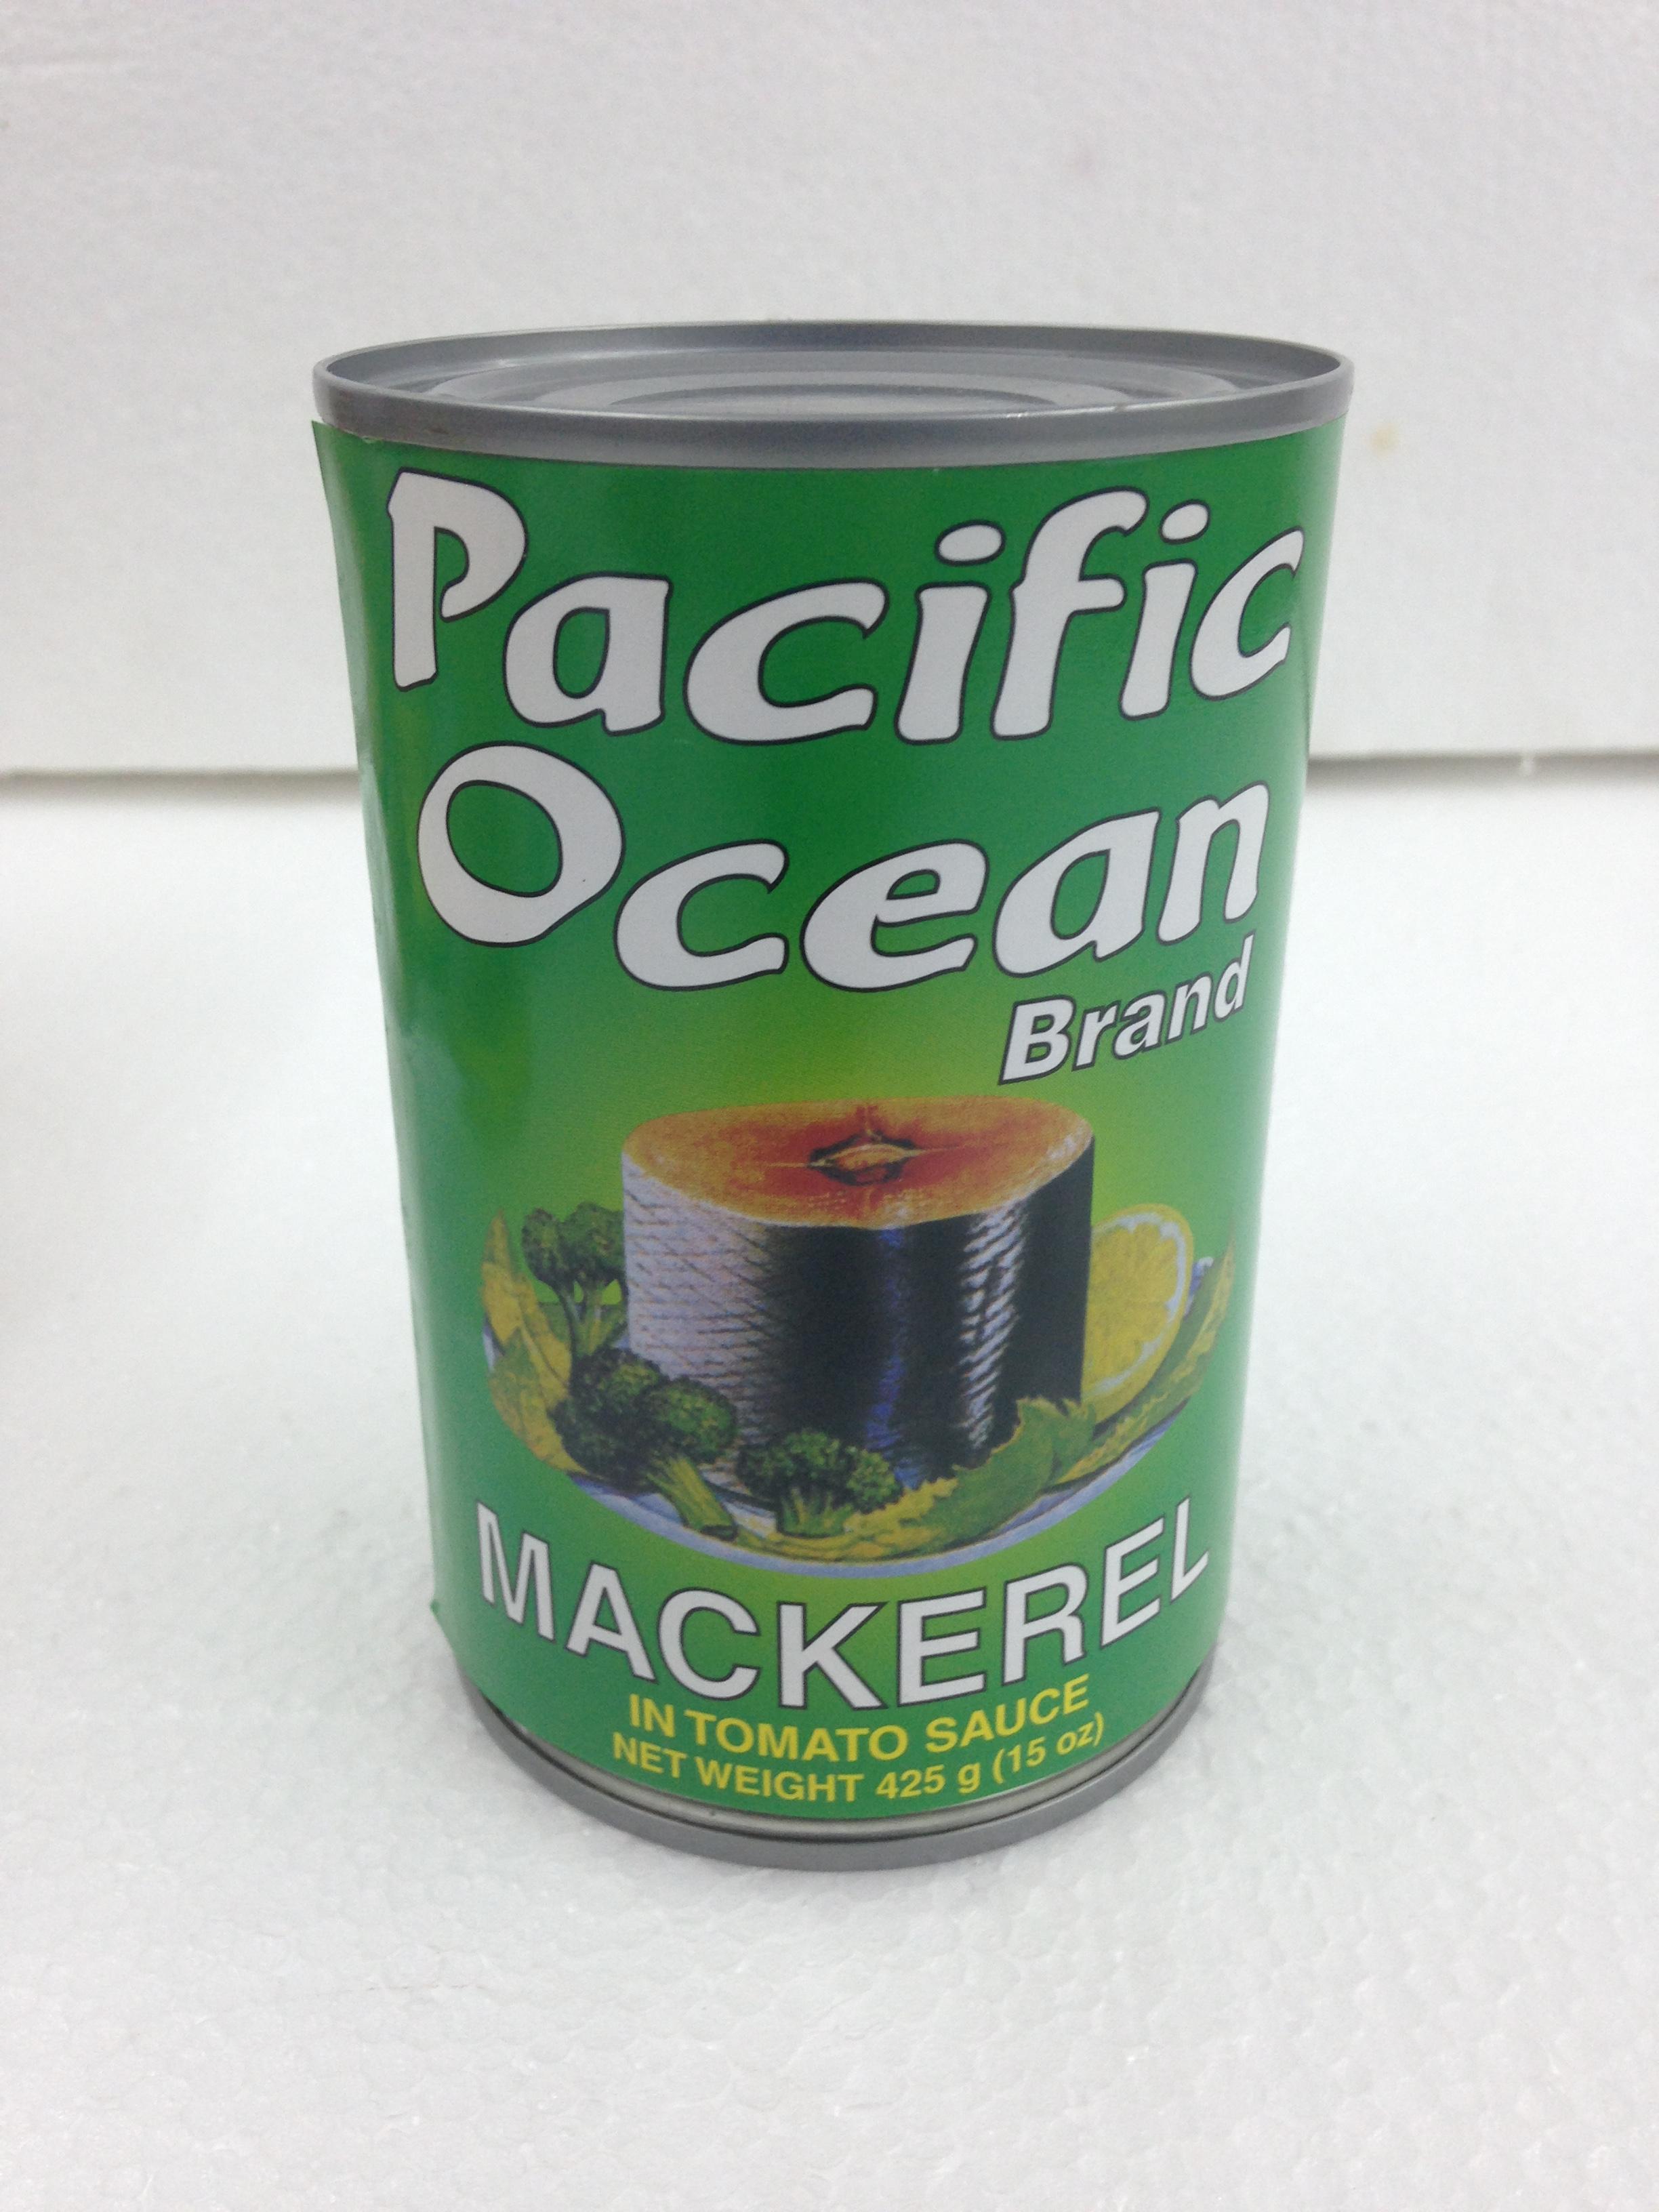 Pacific Ocean Mackerel T/Sauce